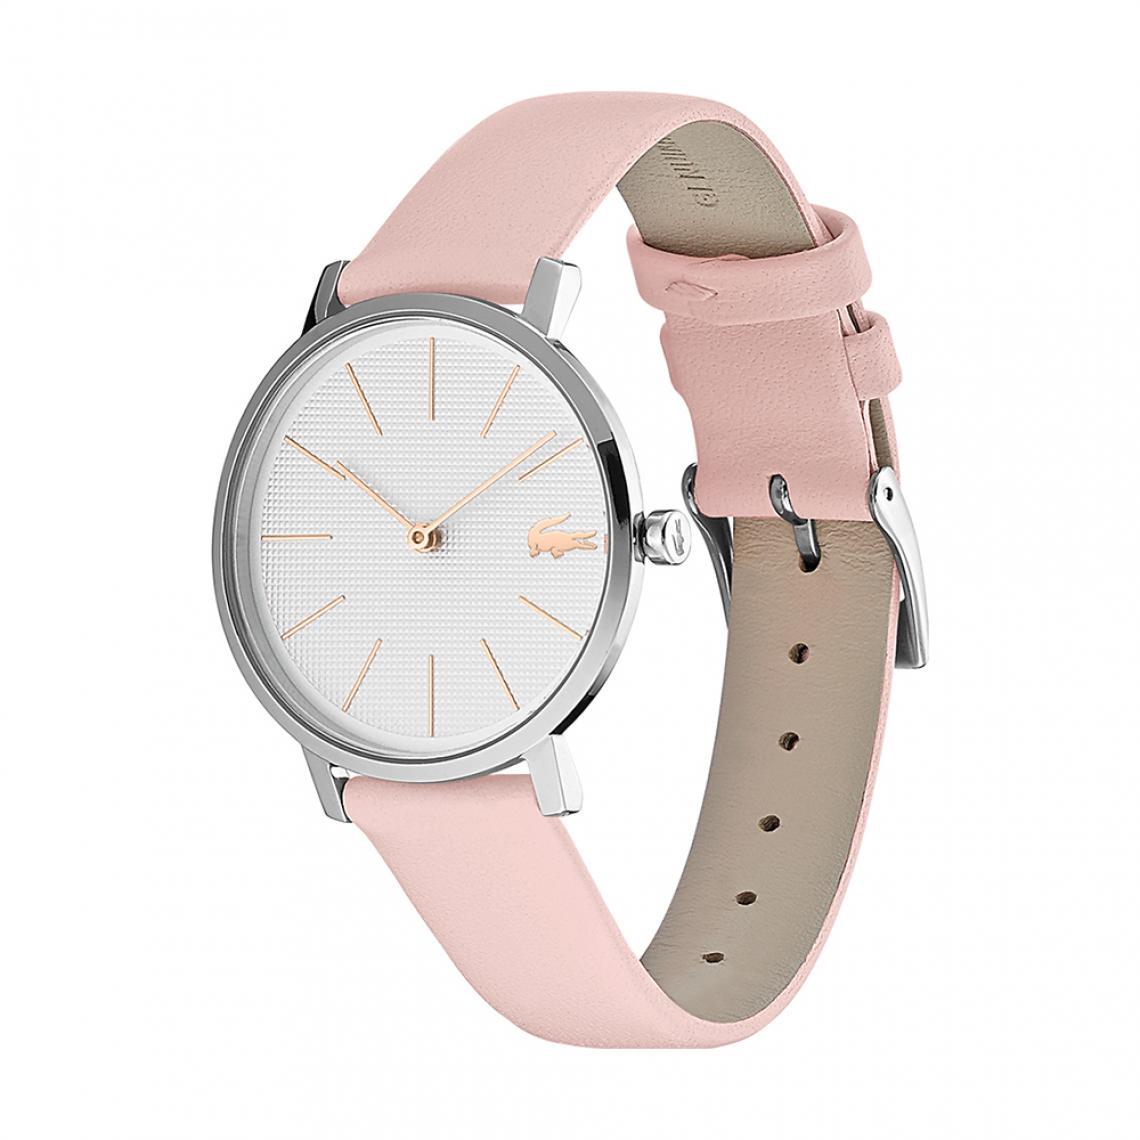 montre femme analogique bracelet cuir